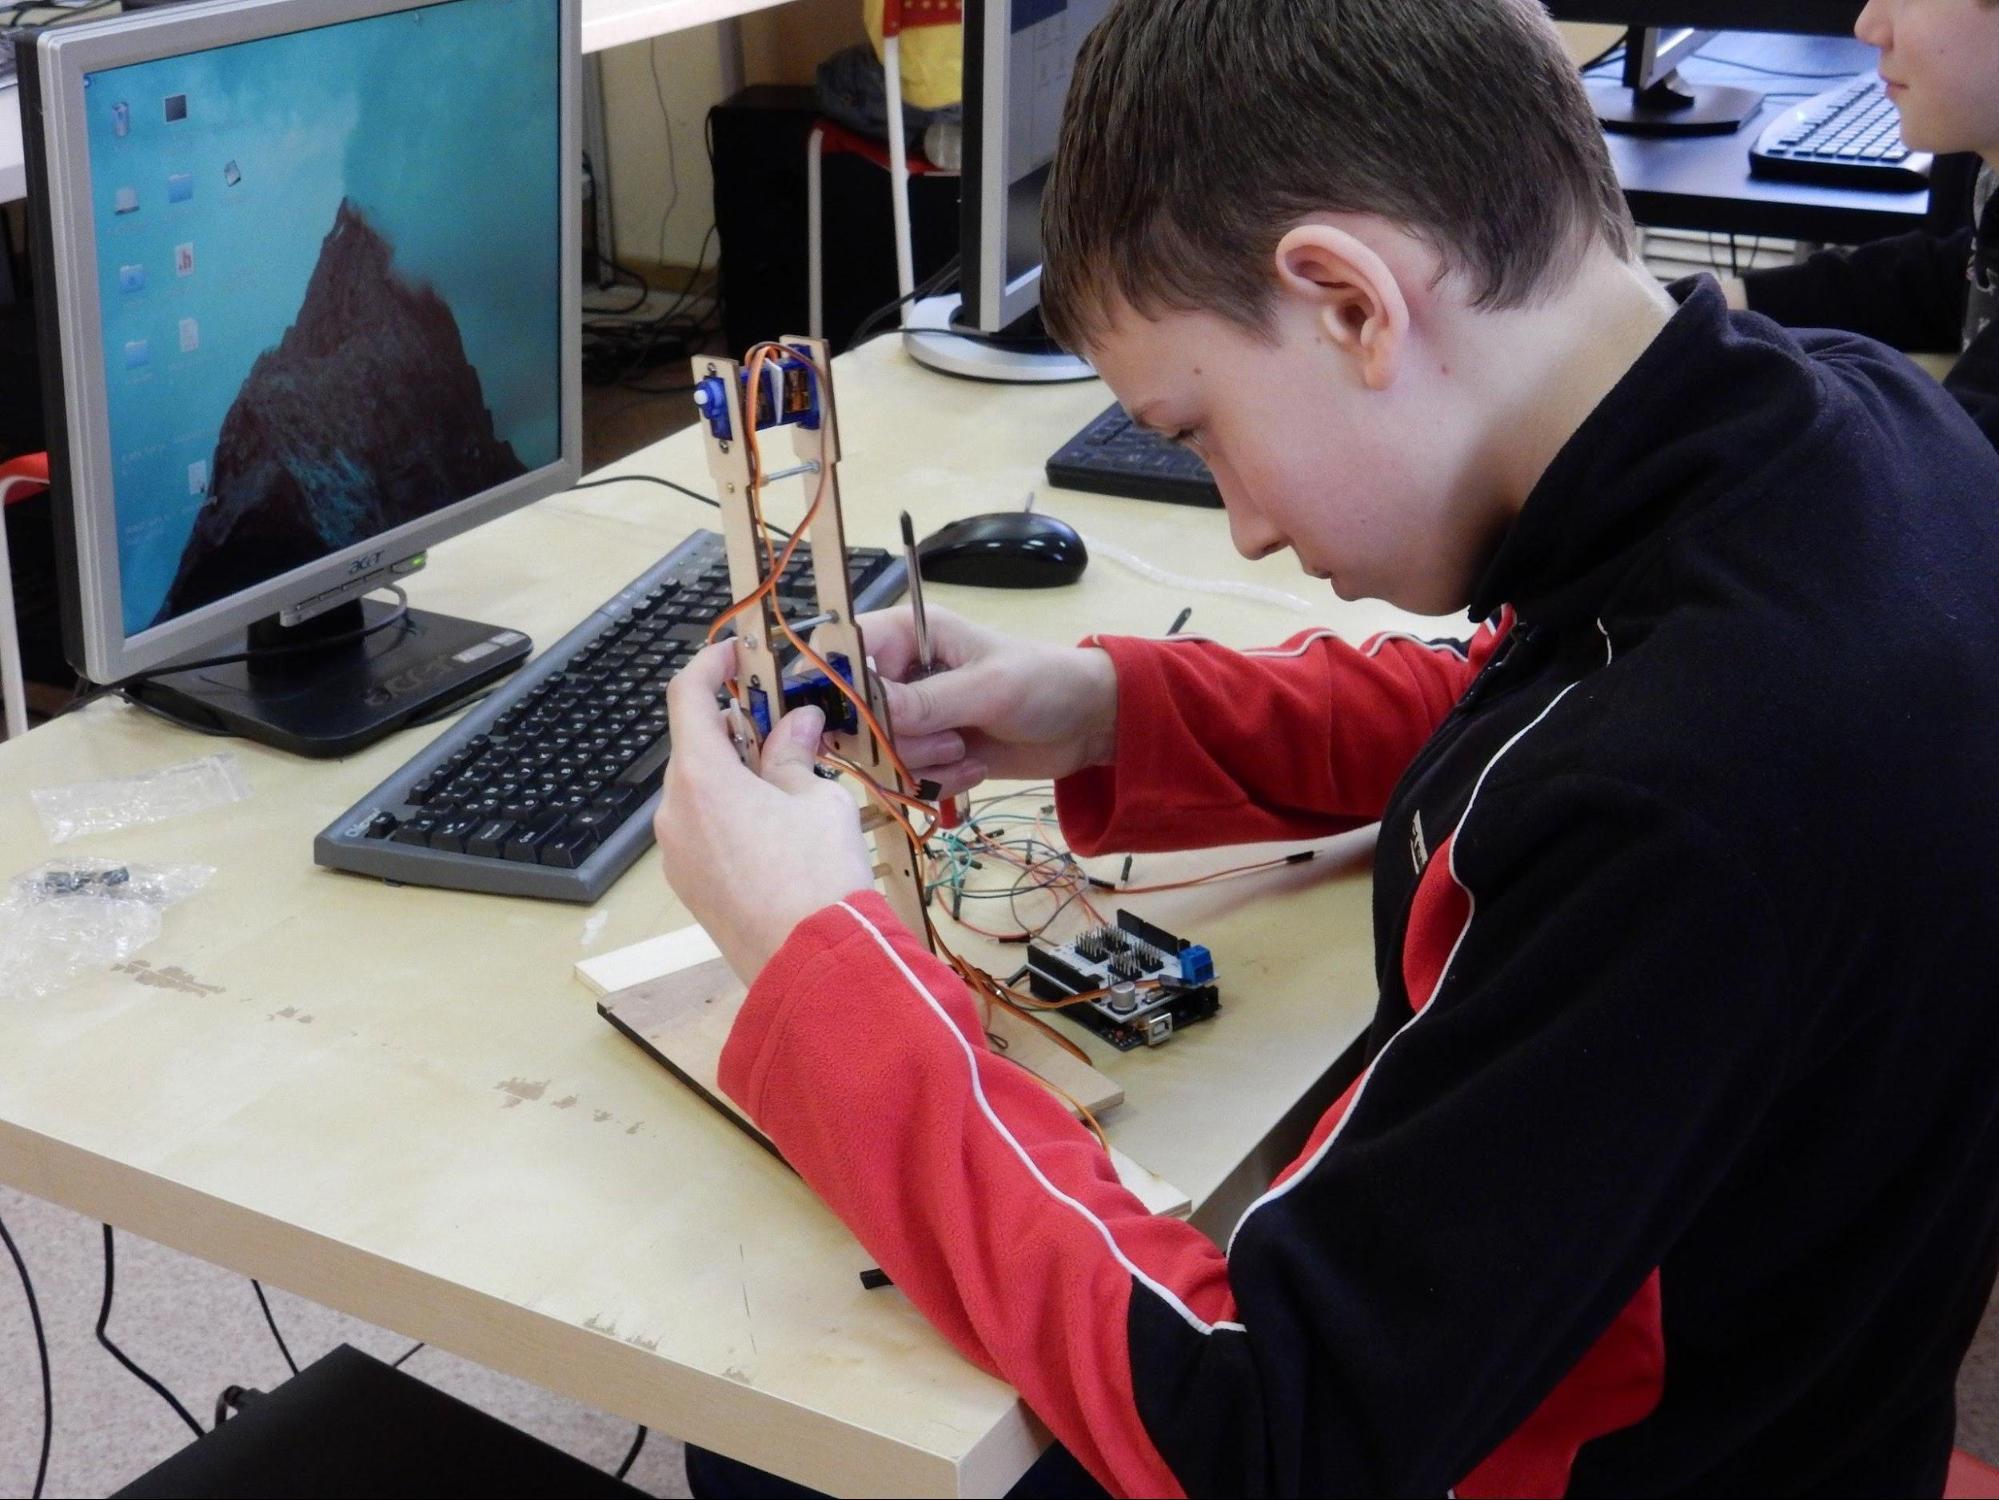 STEM образование в кружке робототехники. Ребенок играет в роботов